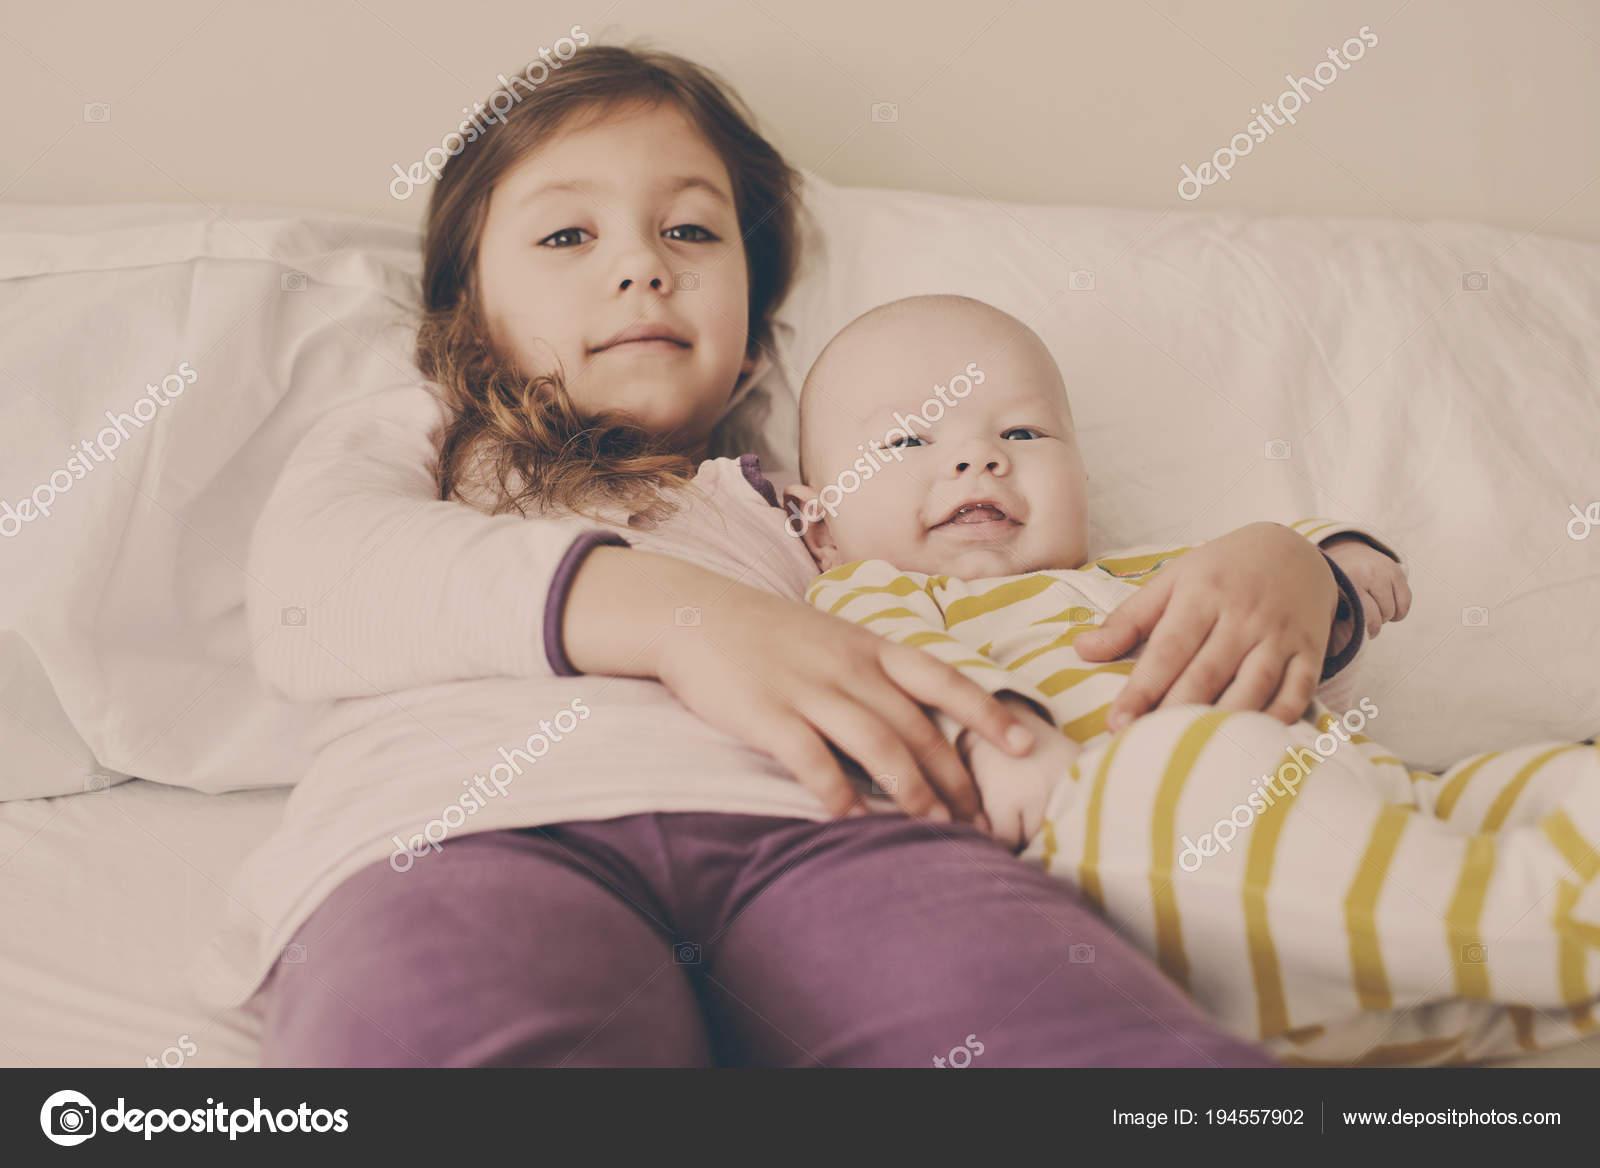 Русское брат кончил в сестру, Брат зашёл к сестре))) смотреть онлайн видео брат 11 фотография